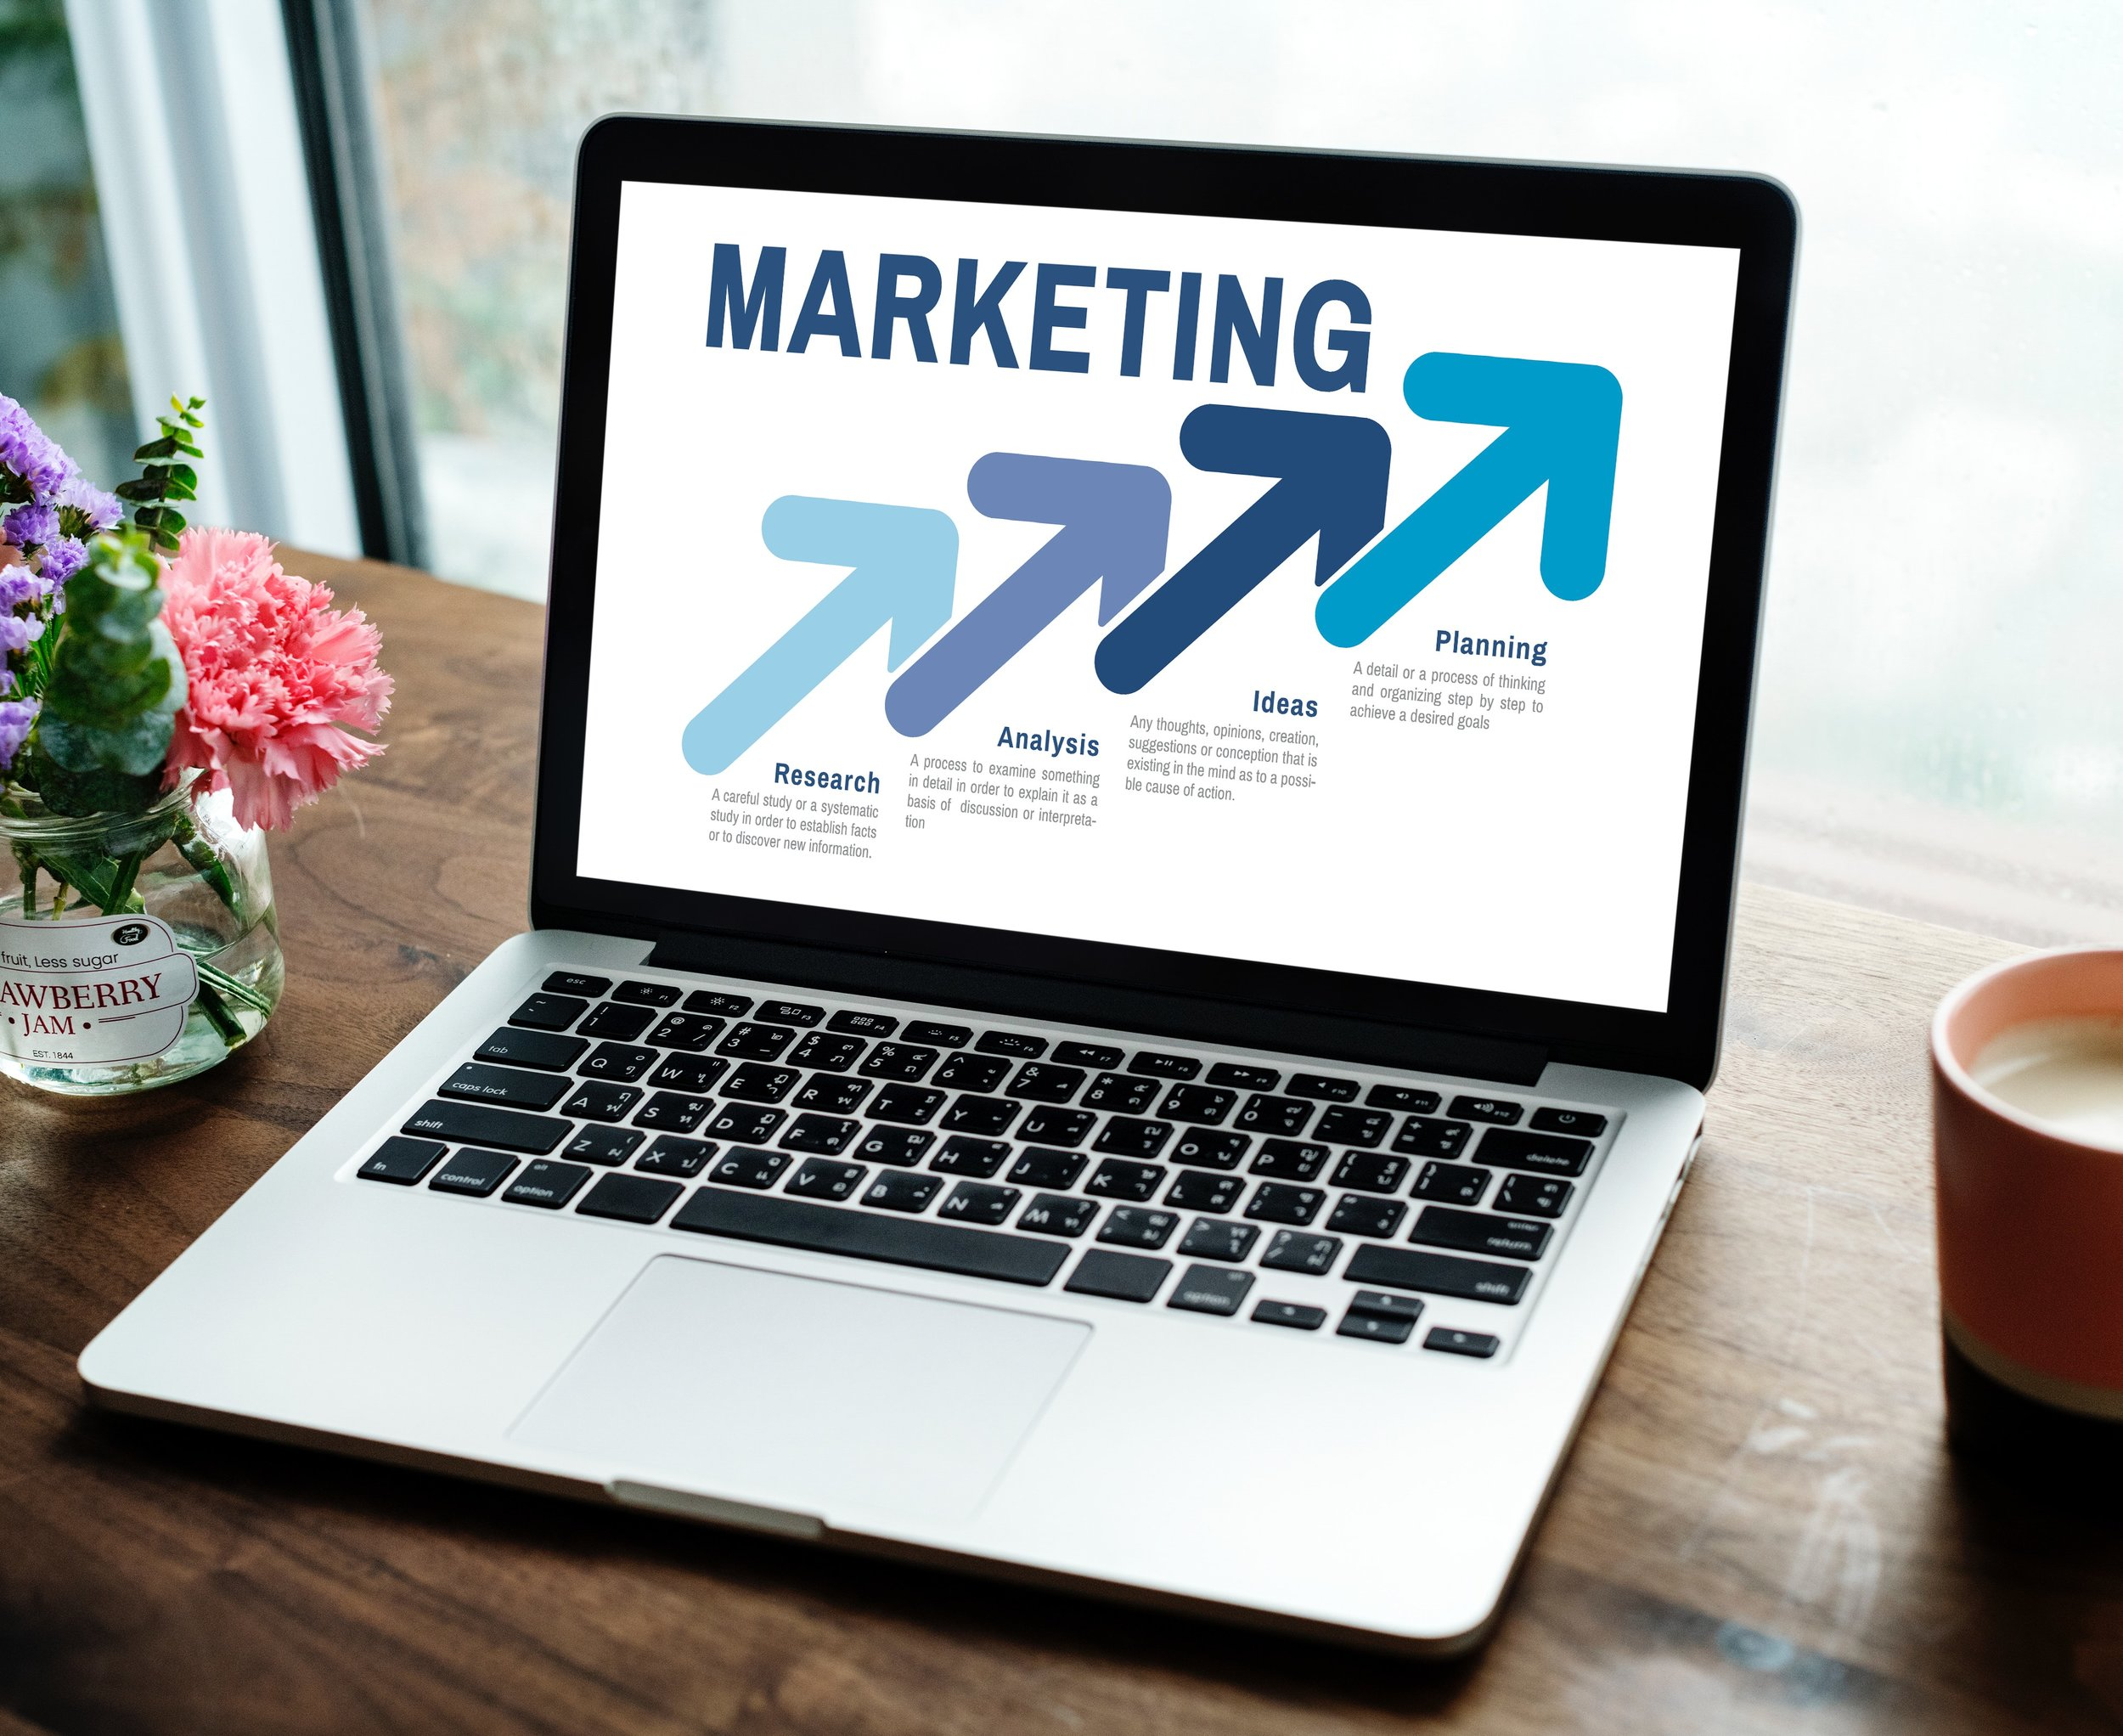 온라인마케팅 전문 - 비전문가, 프리랜서 등이 아닌 구글, 페이스북, 인스타그램 공인전문가들로만 구성된 정식 사업자등록 업체임을 알려드립니다.